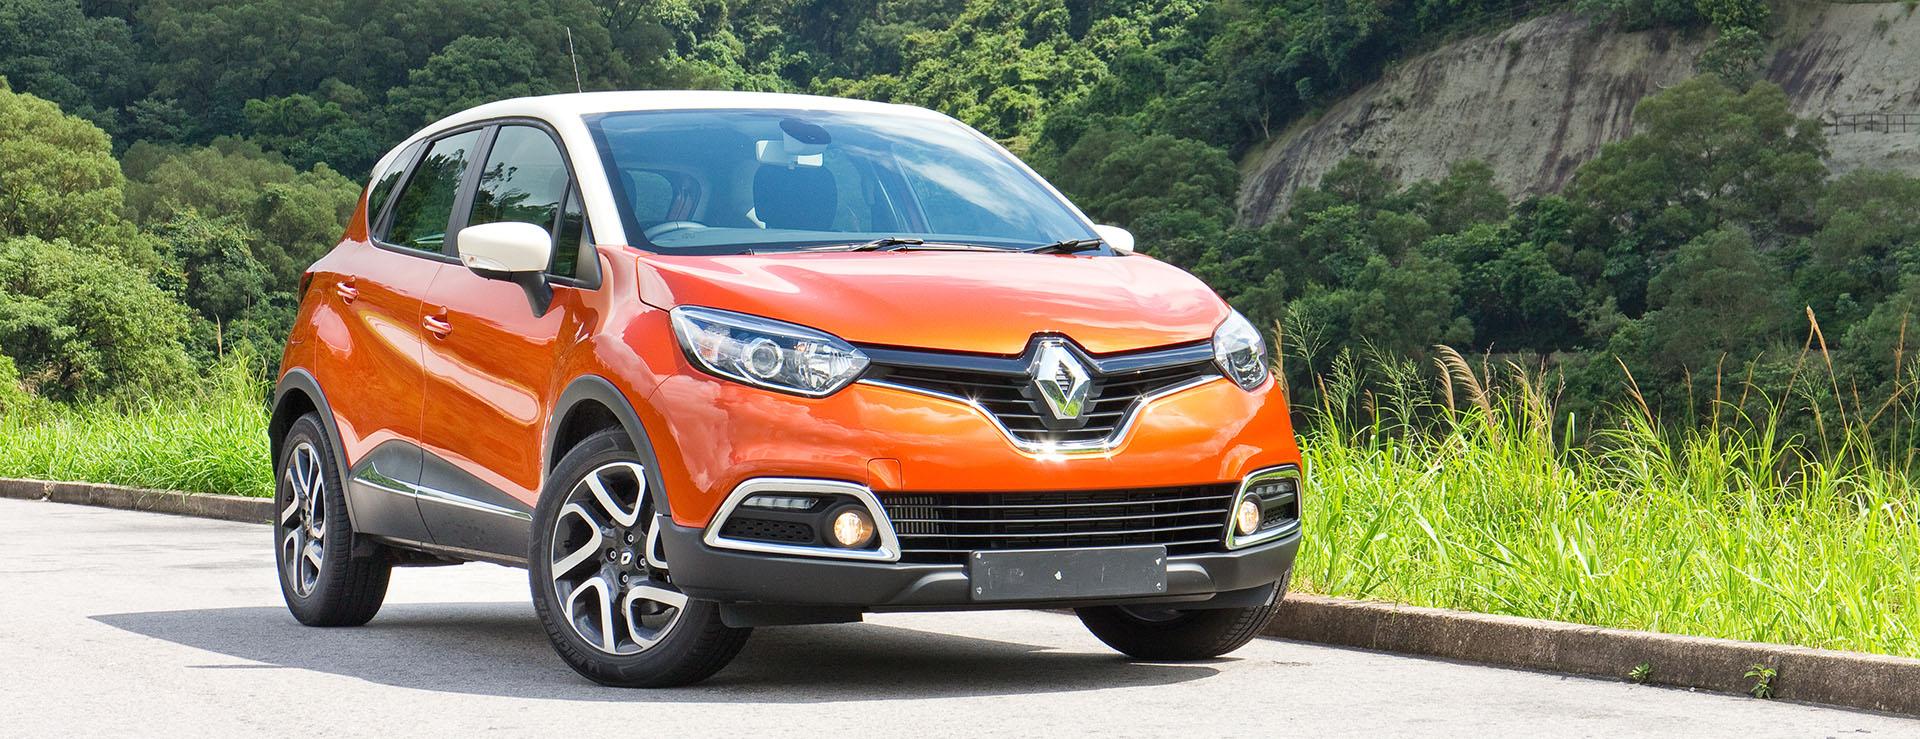 Renault Captur Gebrauchtwagen bestellen